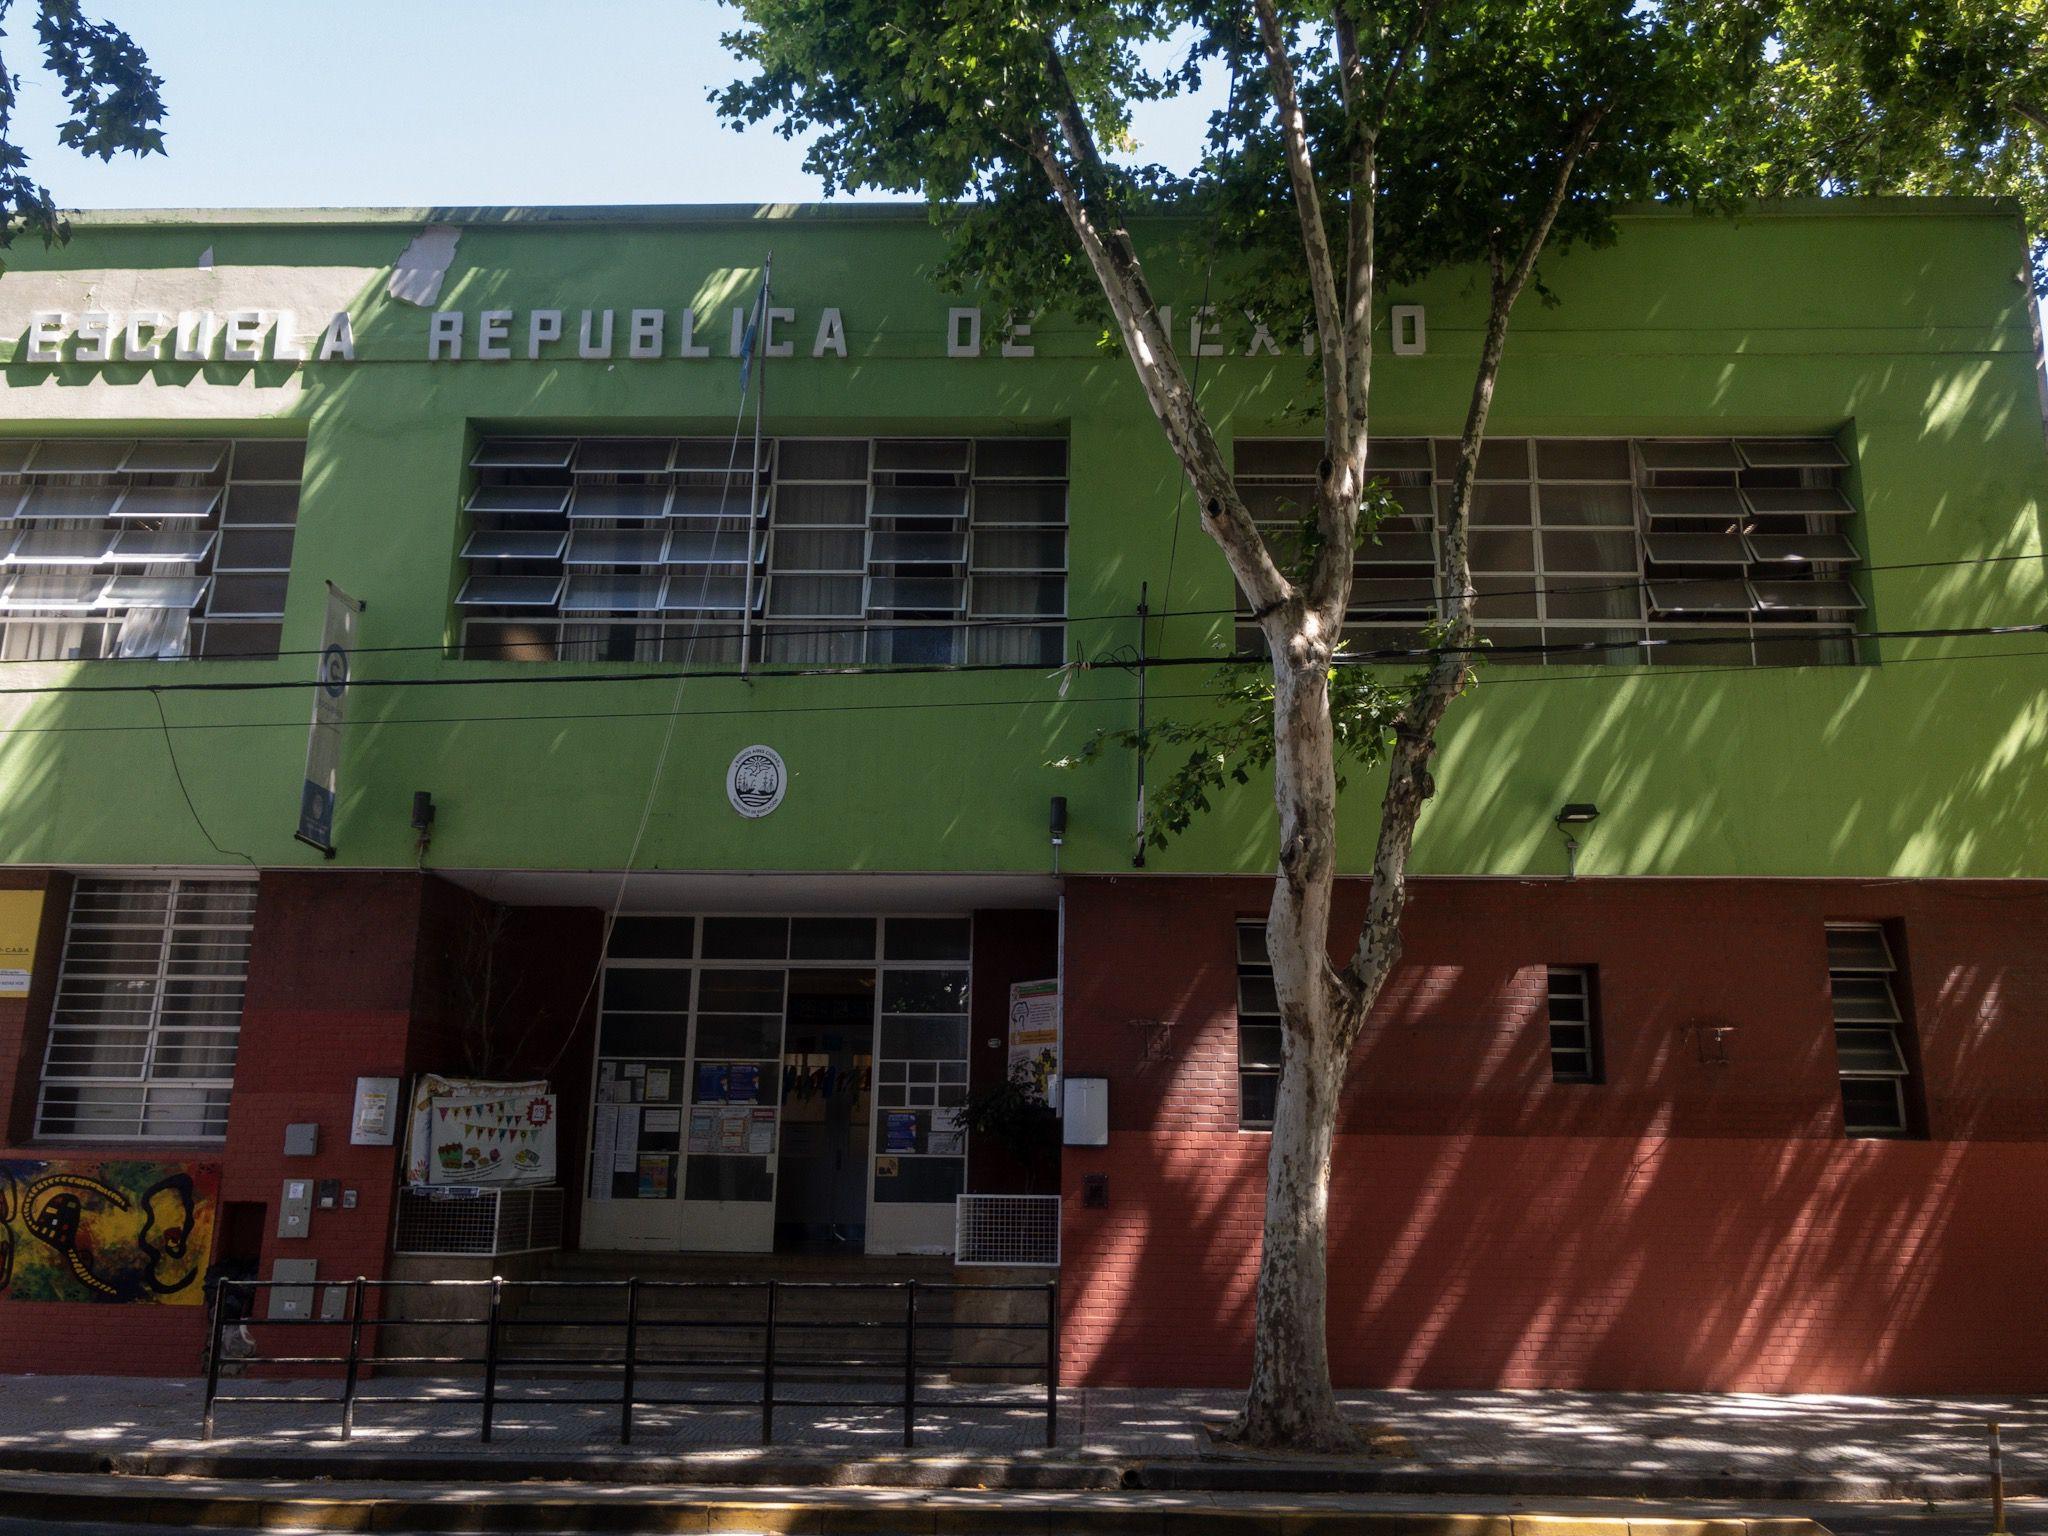 De 3º a 5º grado concurrió a la Escuela República de México, ubicada en Juan Agustín García al 2200, en el barrio porteño de La Paternal. Al comenzar 6º grado, su madre lo cambió a la escuela Avelino Herrera, ubicada en San Blas al 2238, en el mismo barrio.